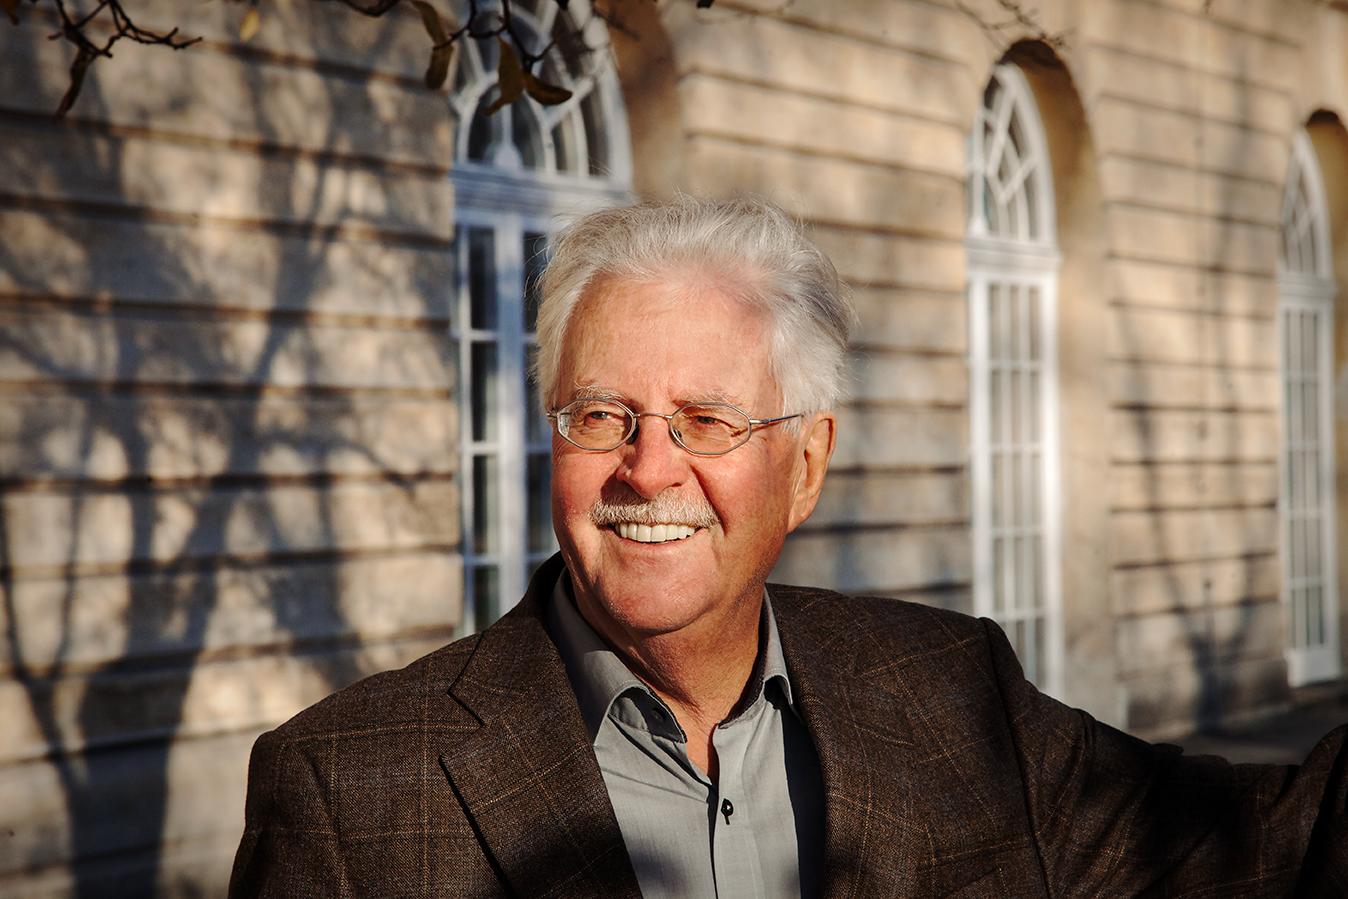 Bilomed Gründer, Apotheker K.W. Allgaier